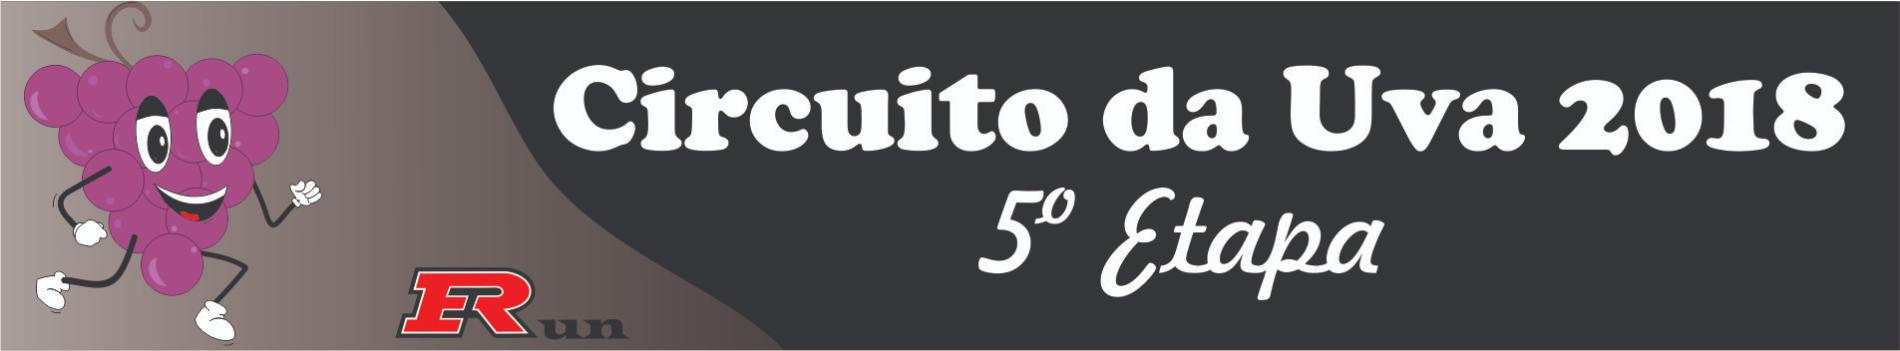 CIRCUITO DA UVA 2018 5ª ETAPA  - Imagem de topo